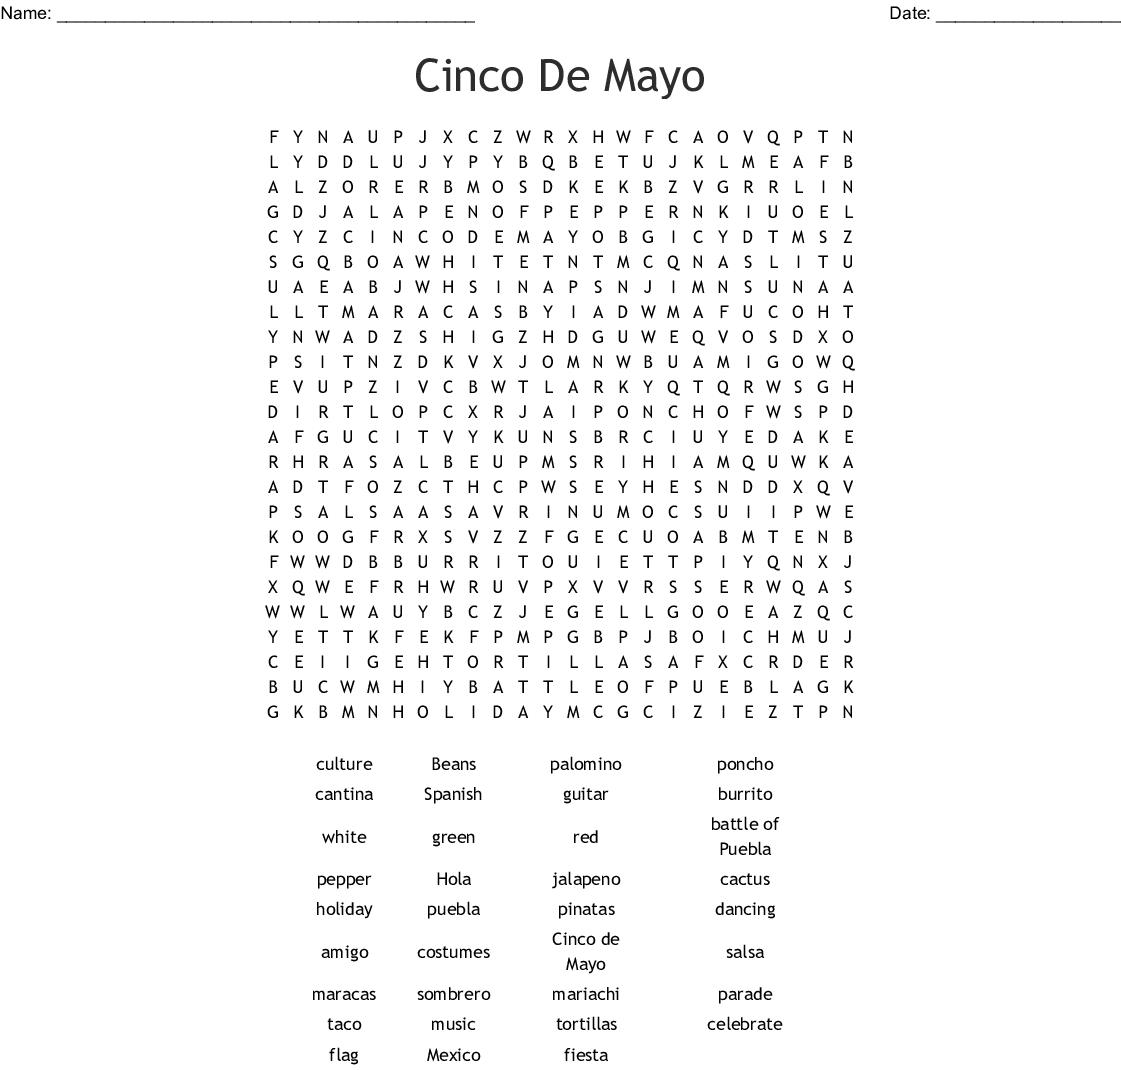 Cinco De Mayo Word Search - Wordmint